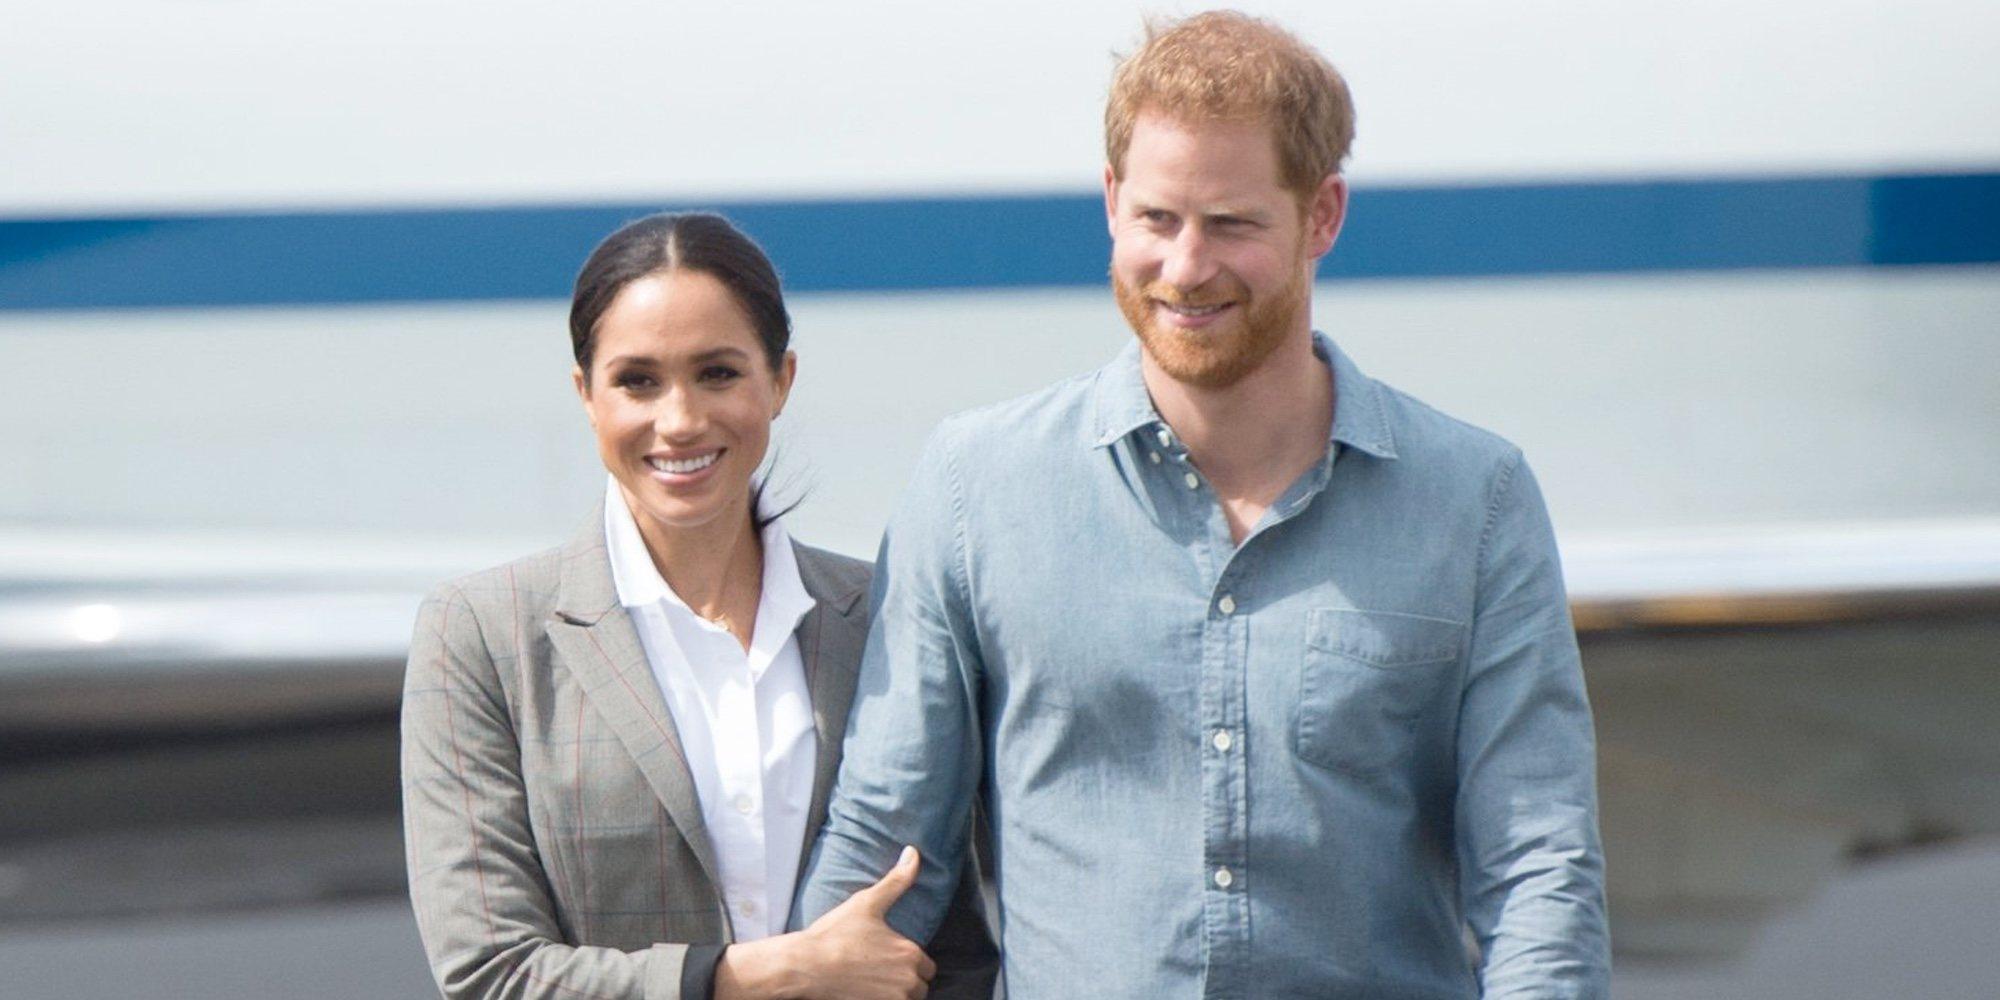 El Príncipe Harry revela el número de hijos que quiere tener con Meghan Markle tras Archie Harrison